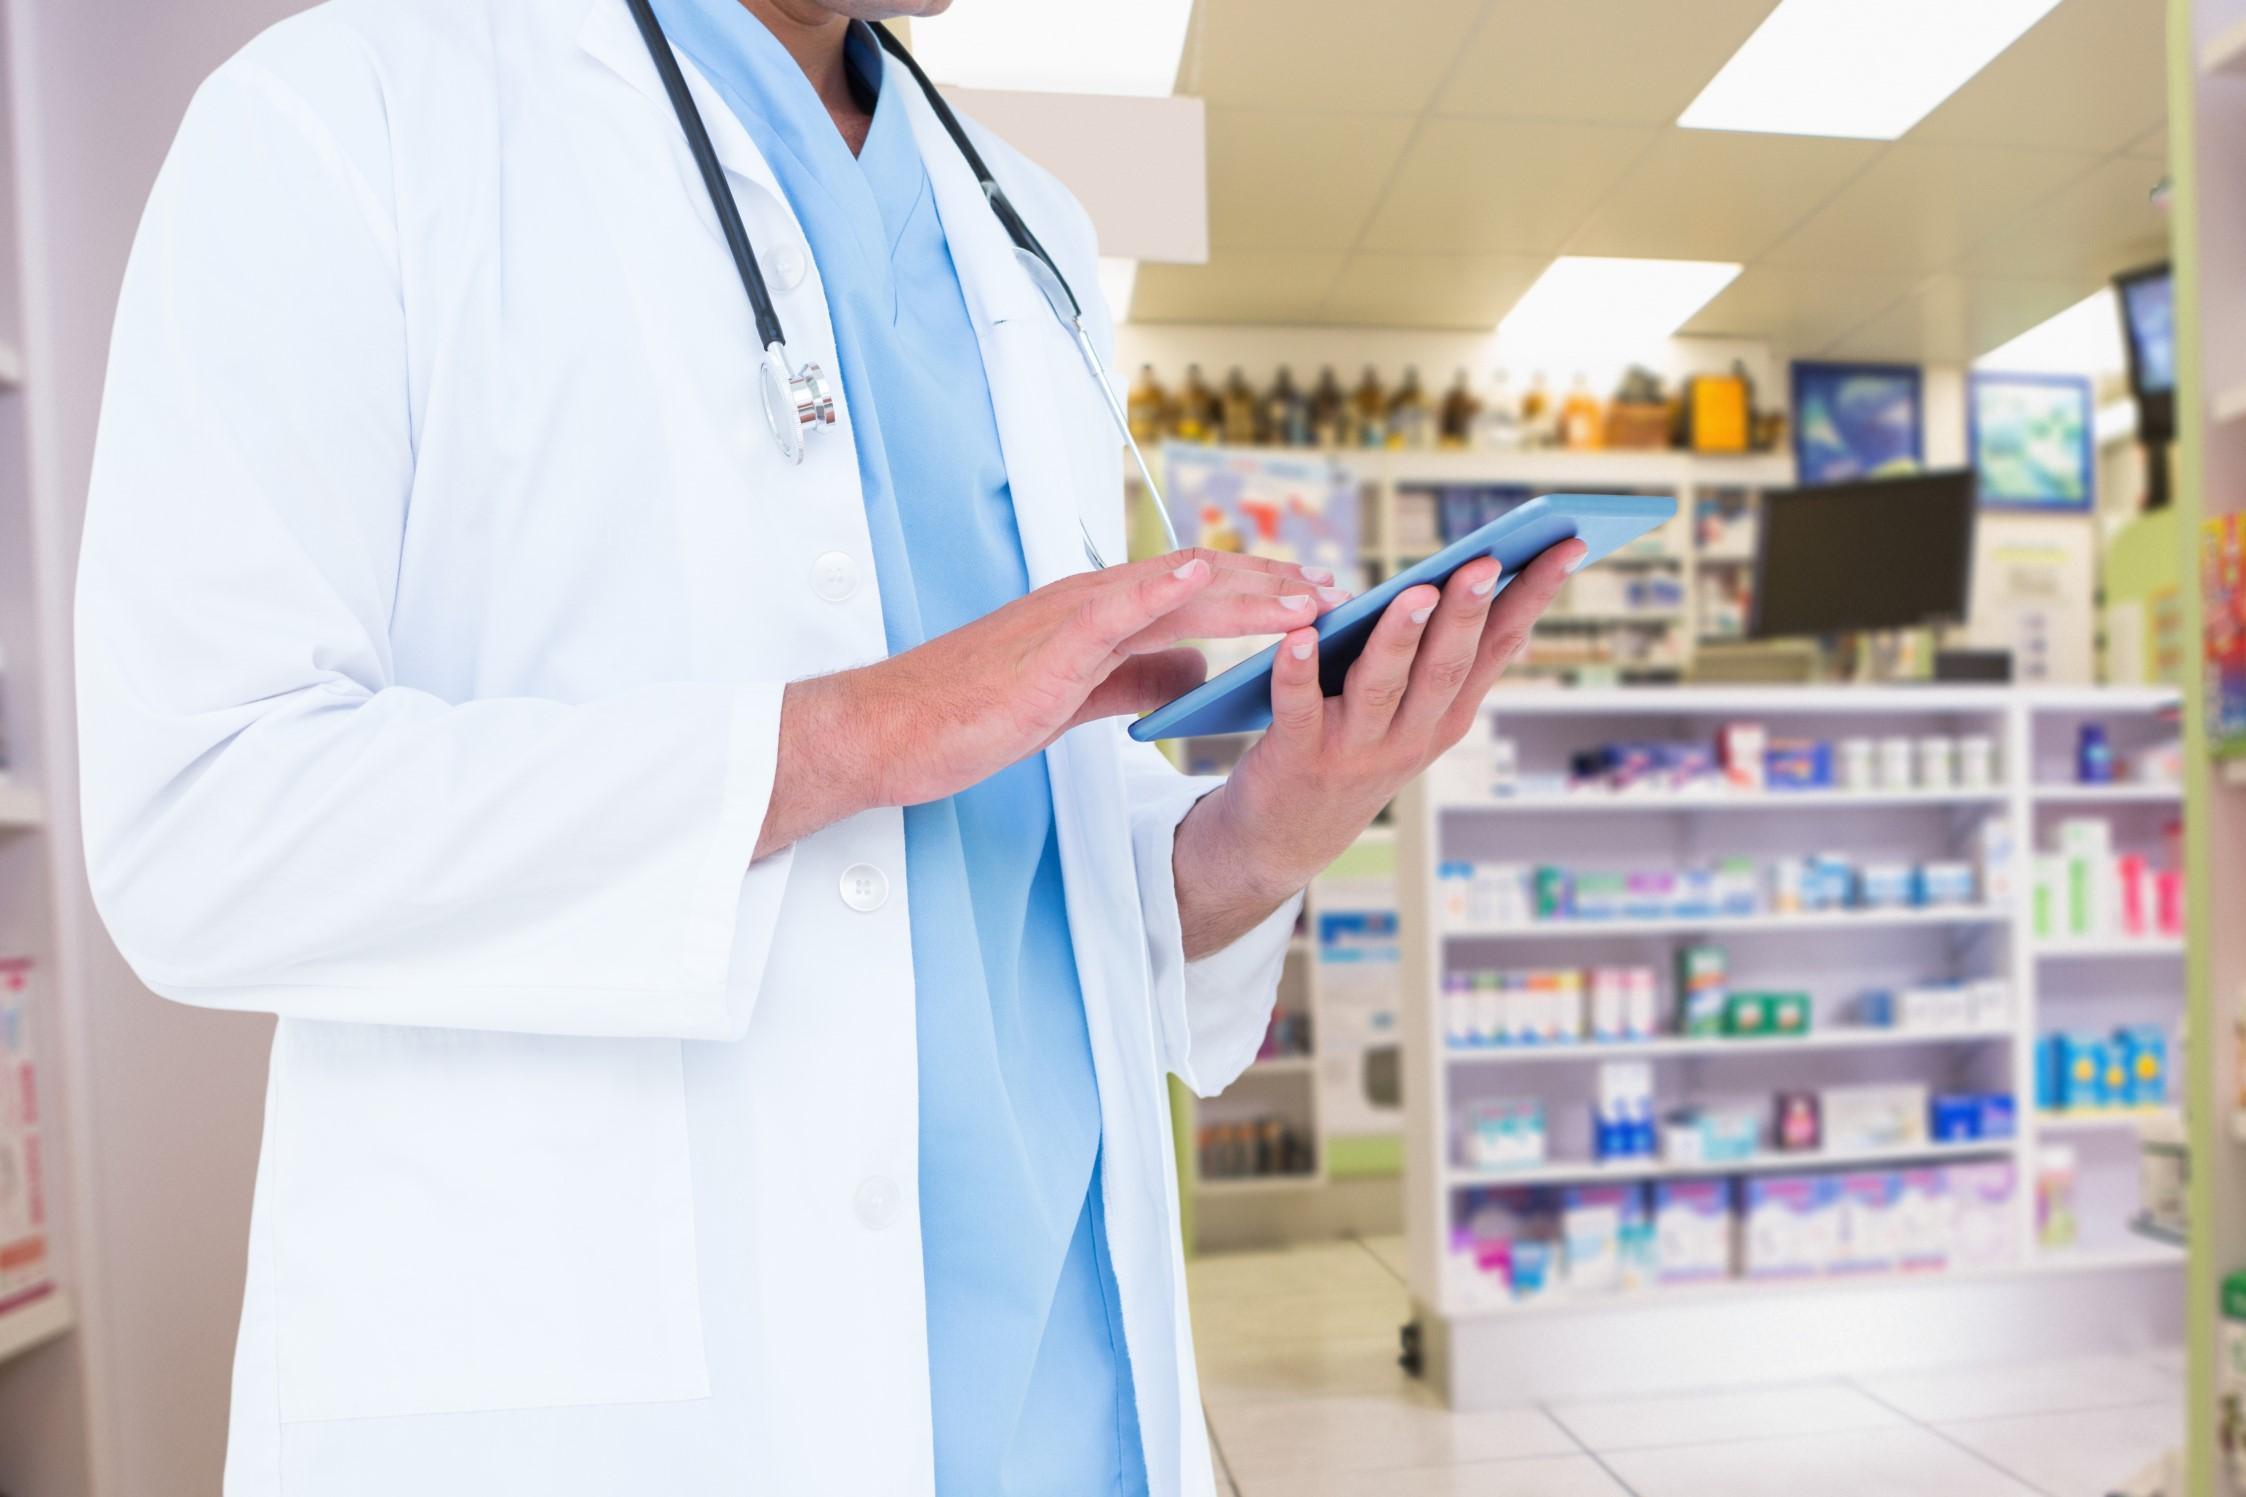 transformación digital en la industria farmacéutica